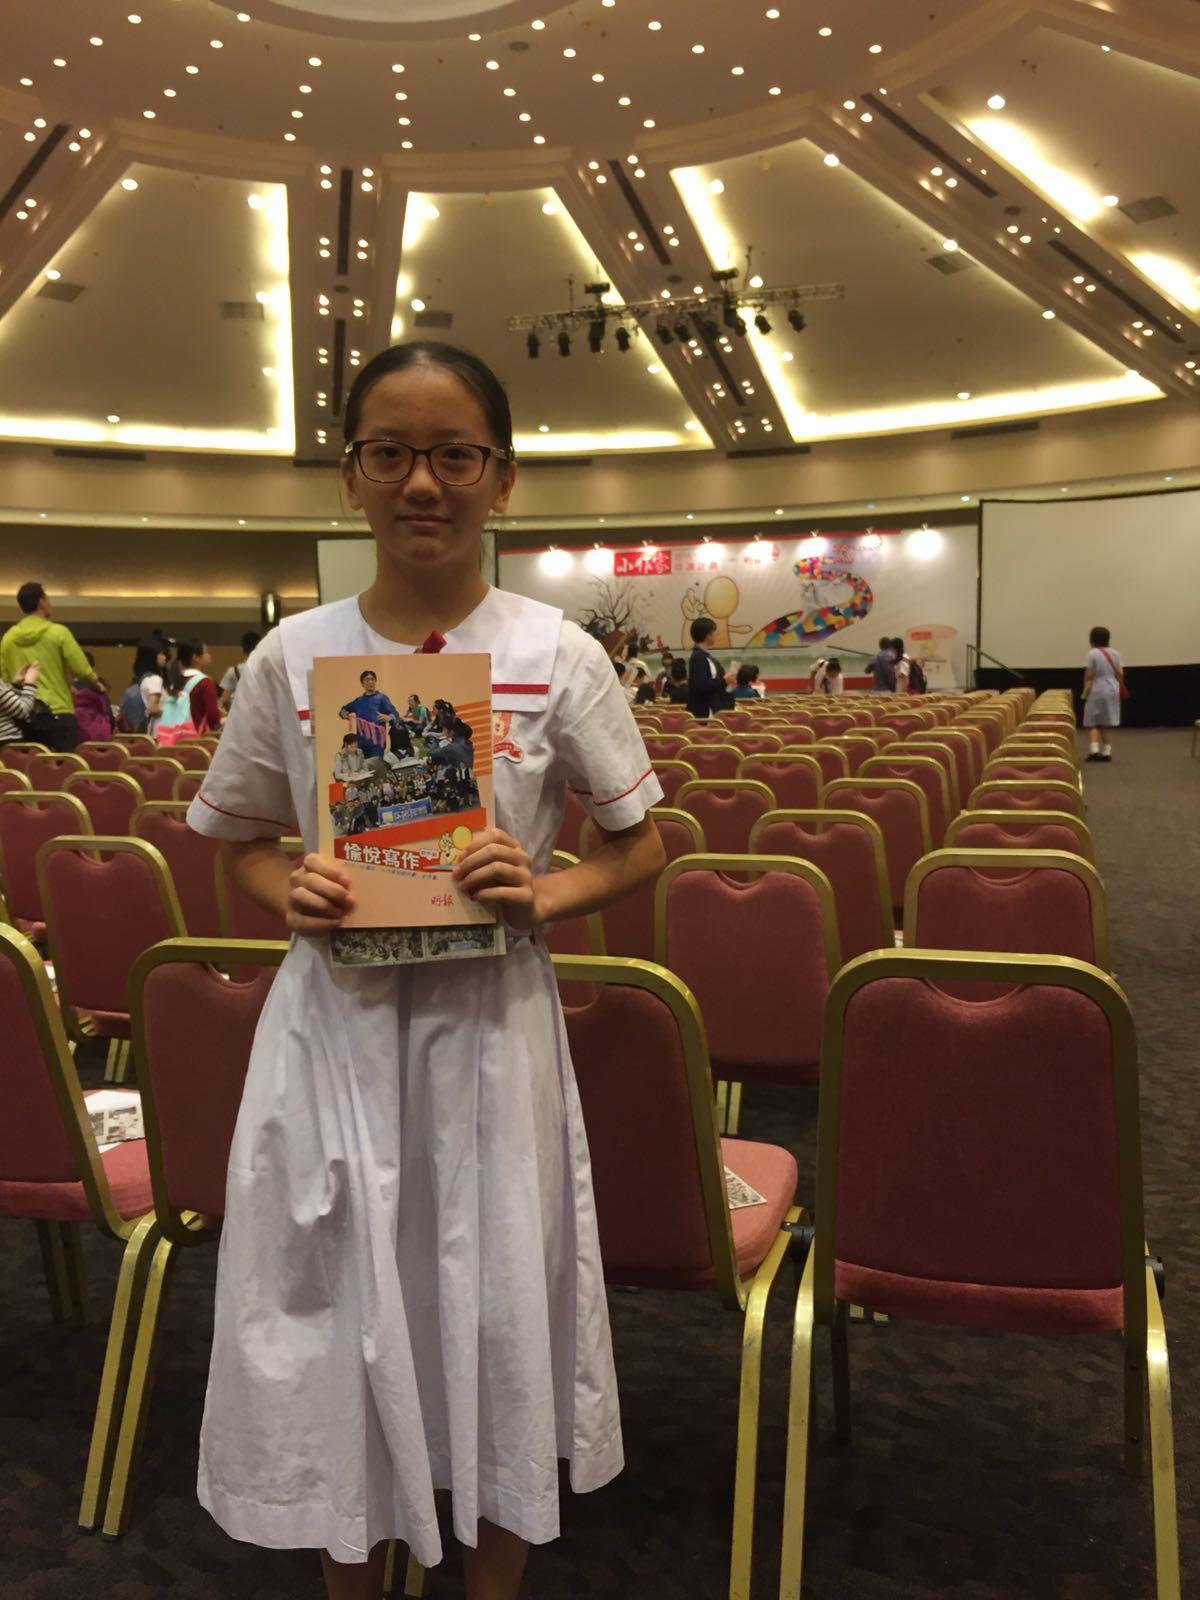 中三級劉昕同學成功入選成為今屆明報小作家。